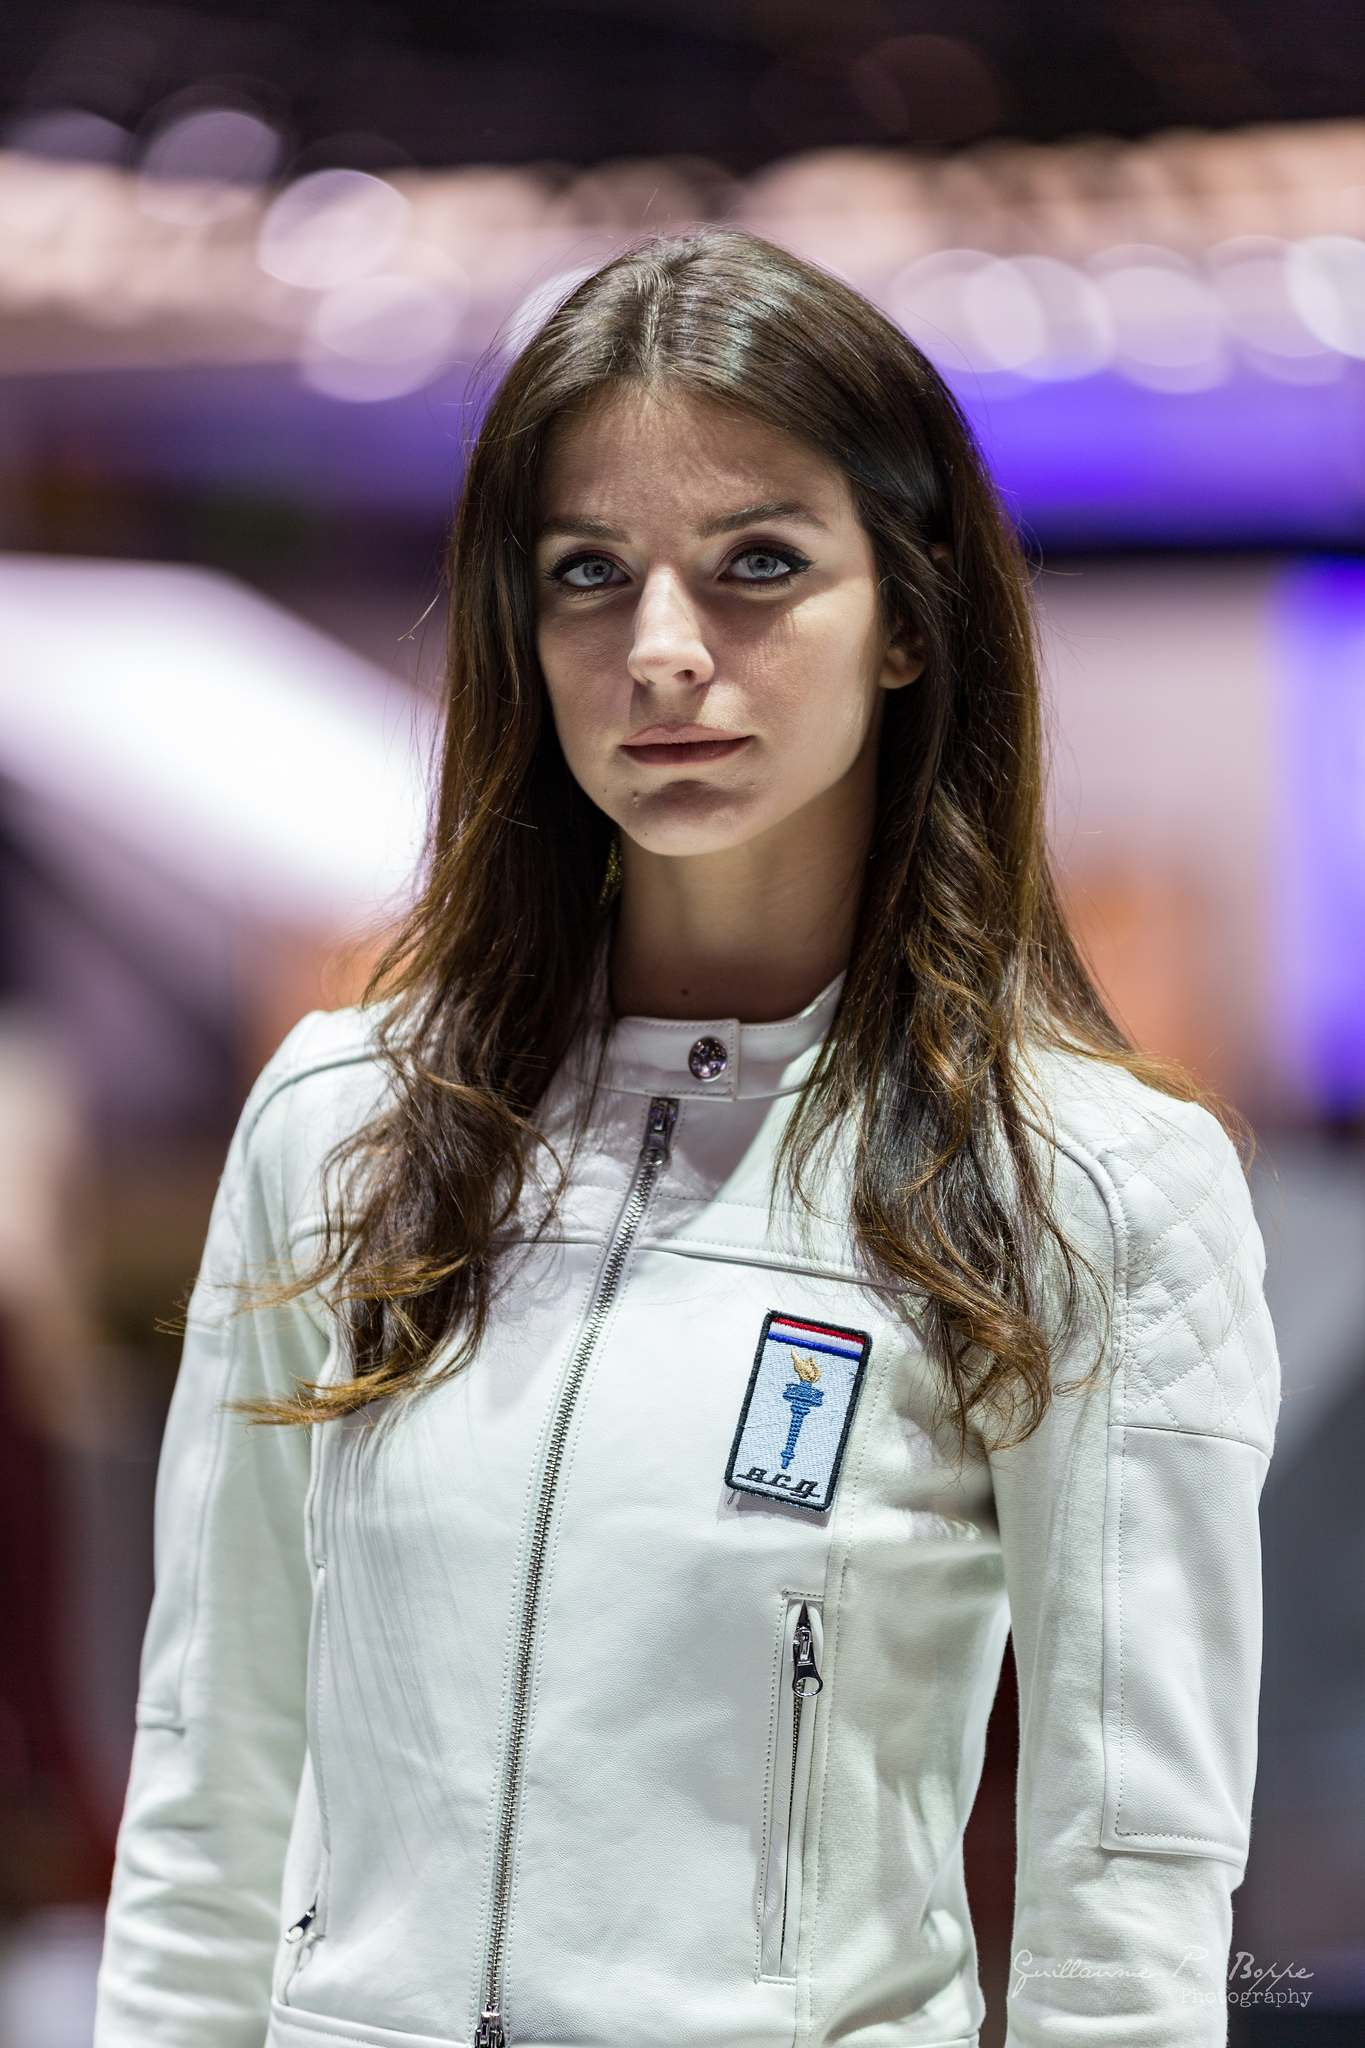 sexy hostess12 Beauty at Geneva International Motor Show 2017